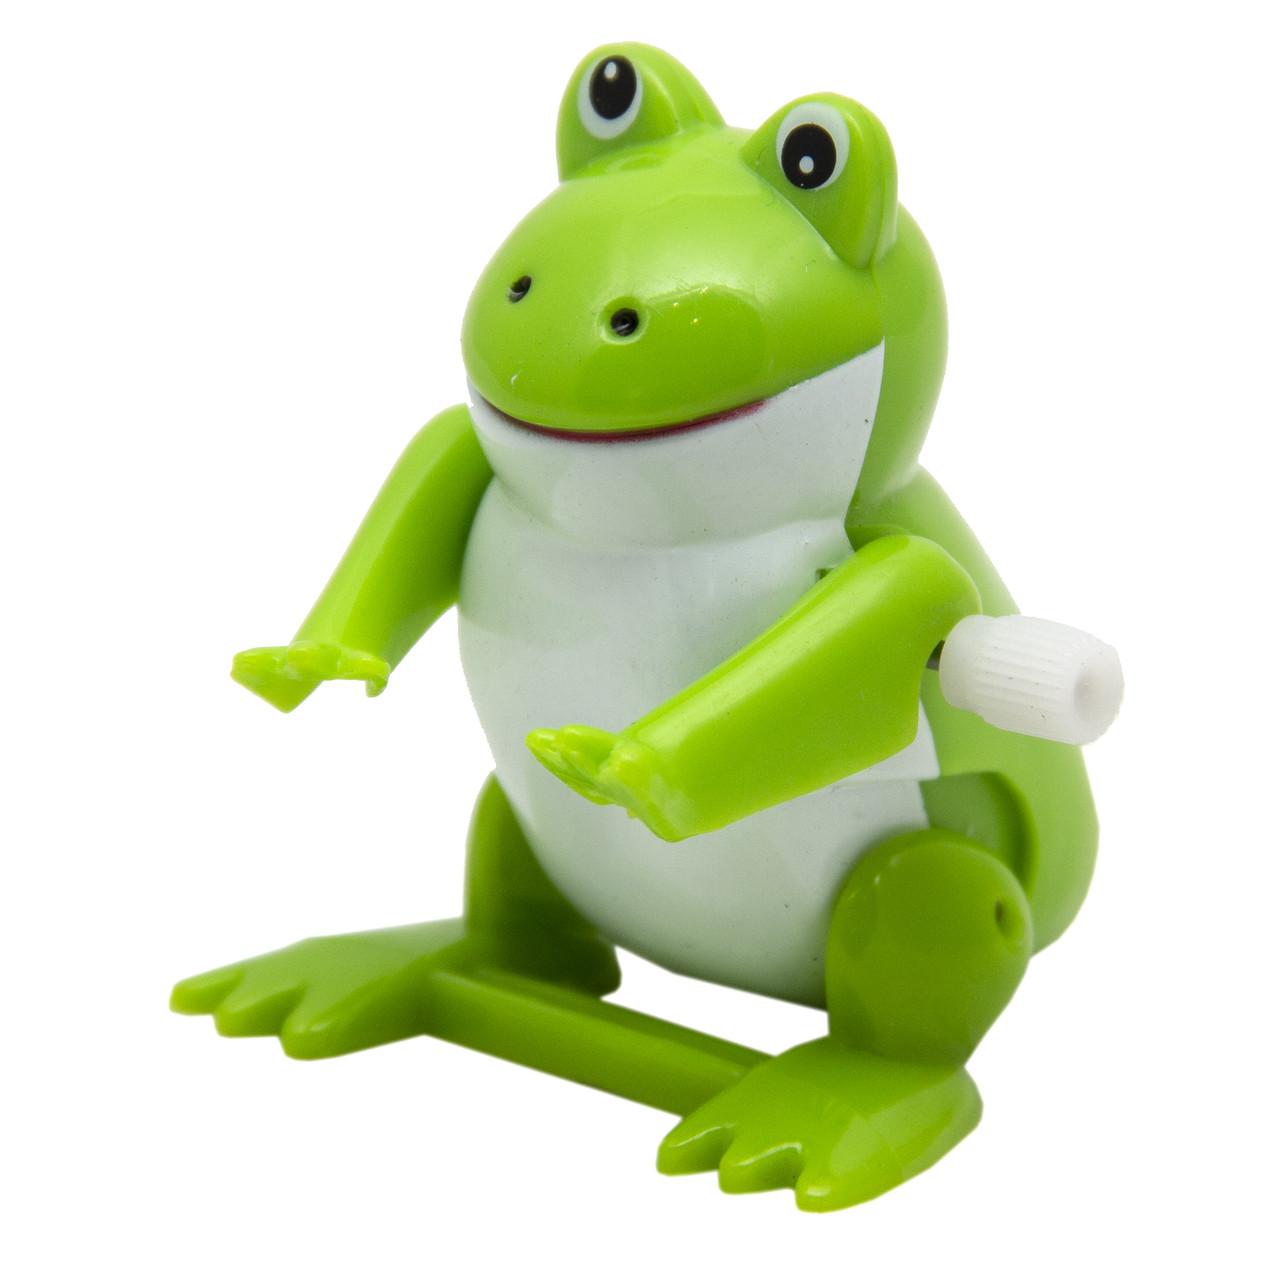 Игрушка заводная - жабка, 5 см, пластик, зеленый (2K-66C-4)